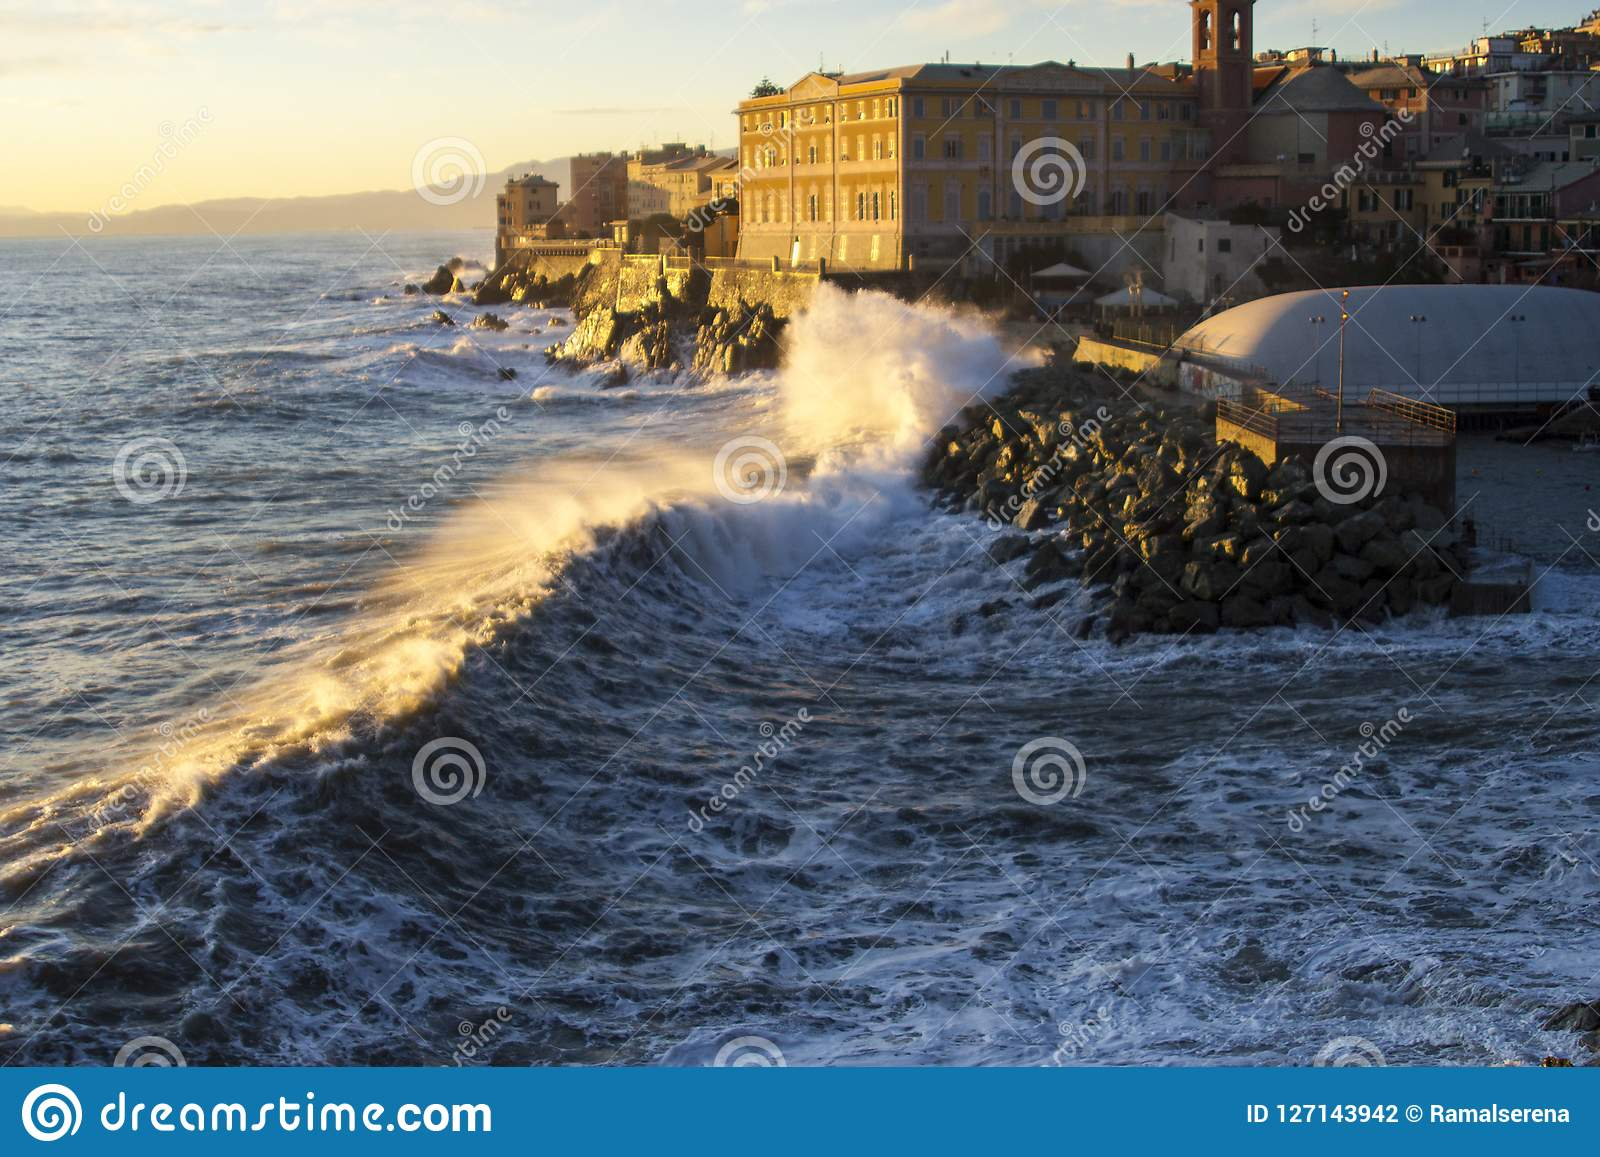 Μια θάλασσα strorm σε Γένοβα, Ιταλία το Δεκέμβριο του 2011